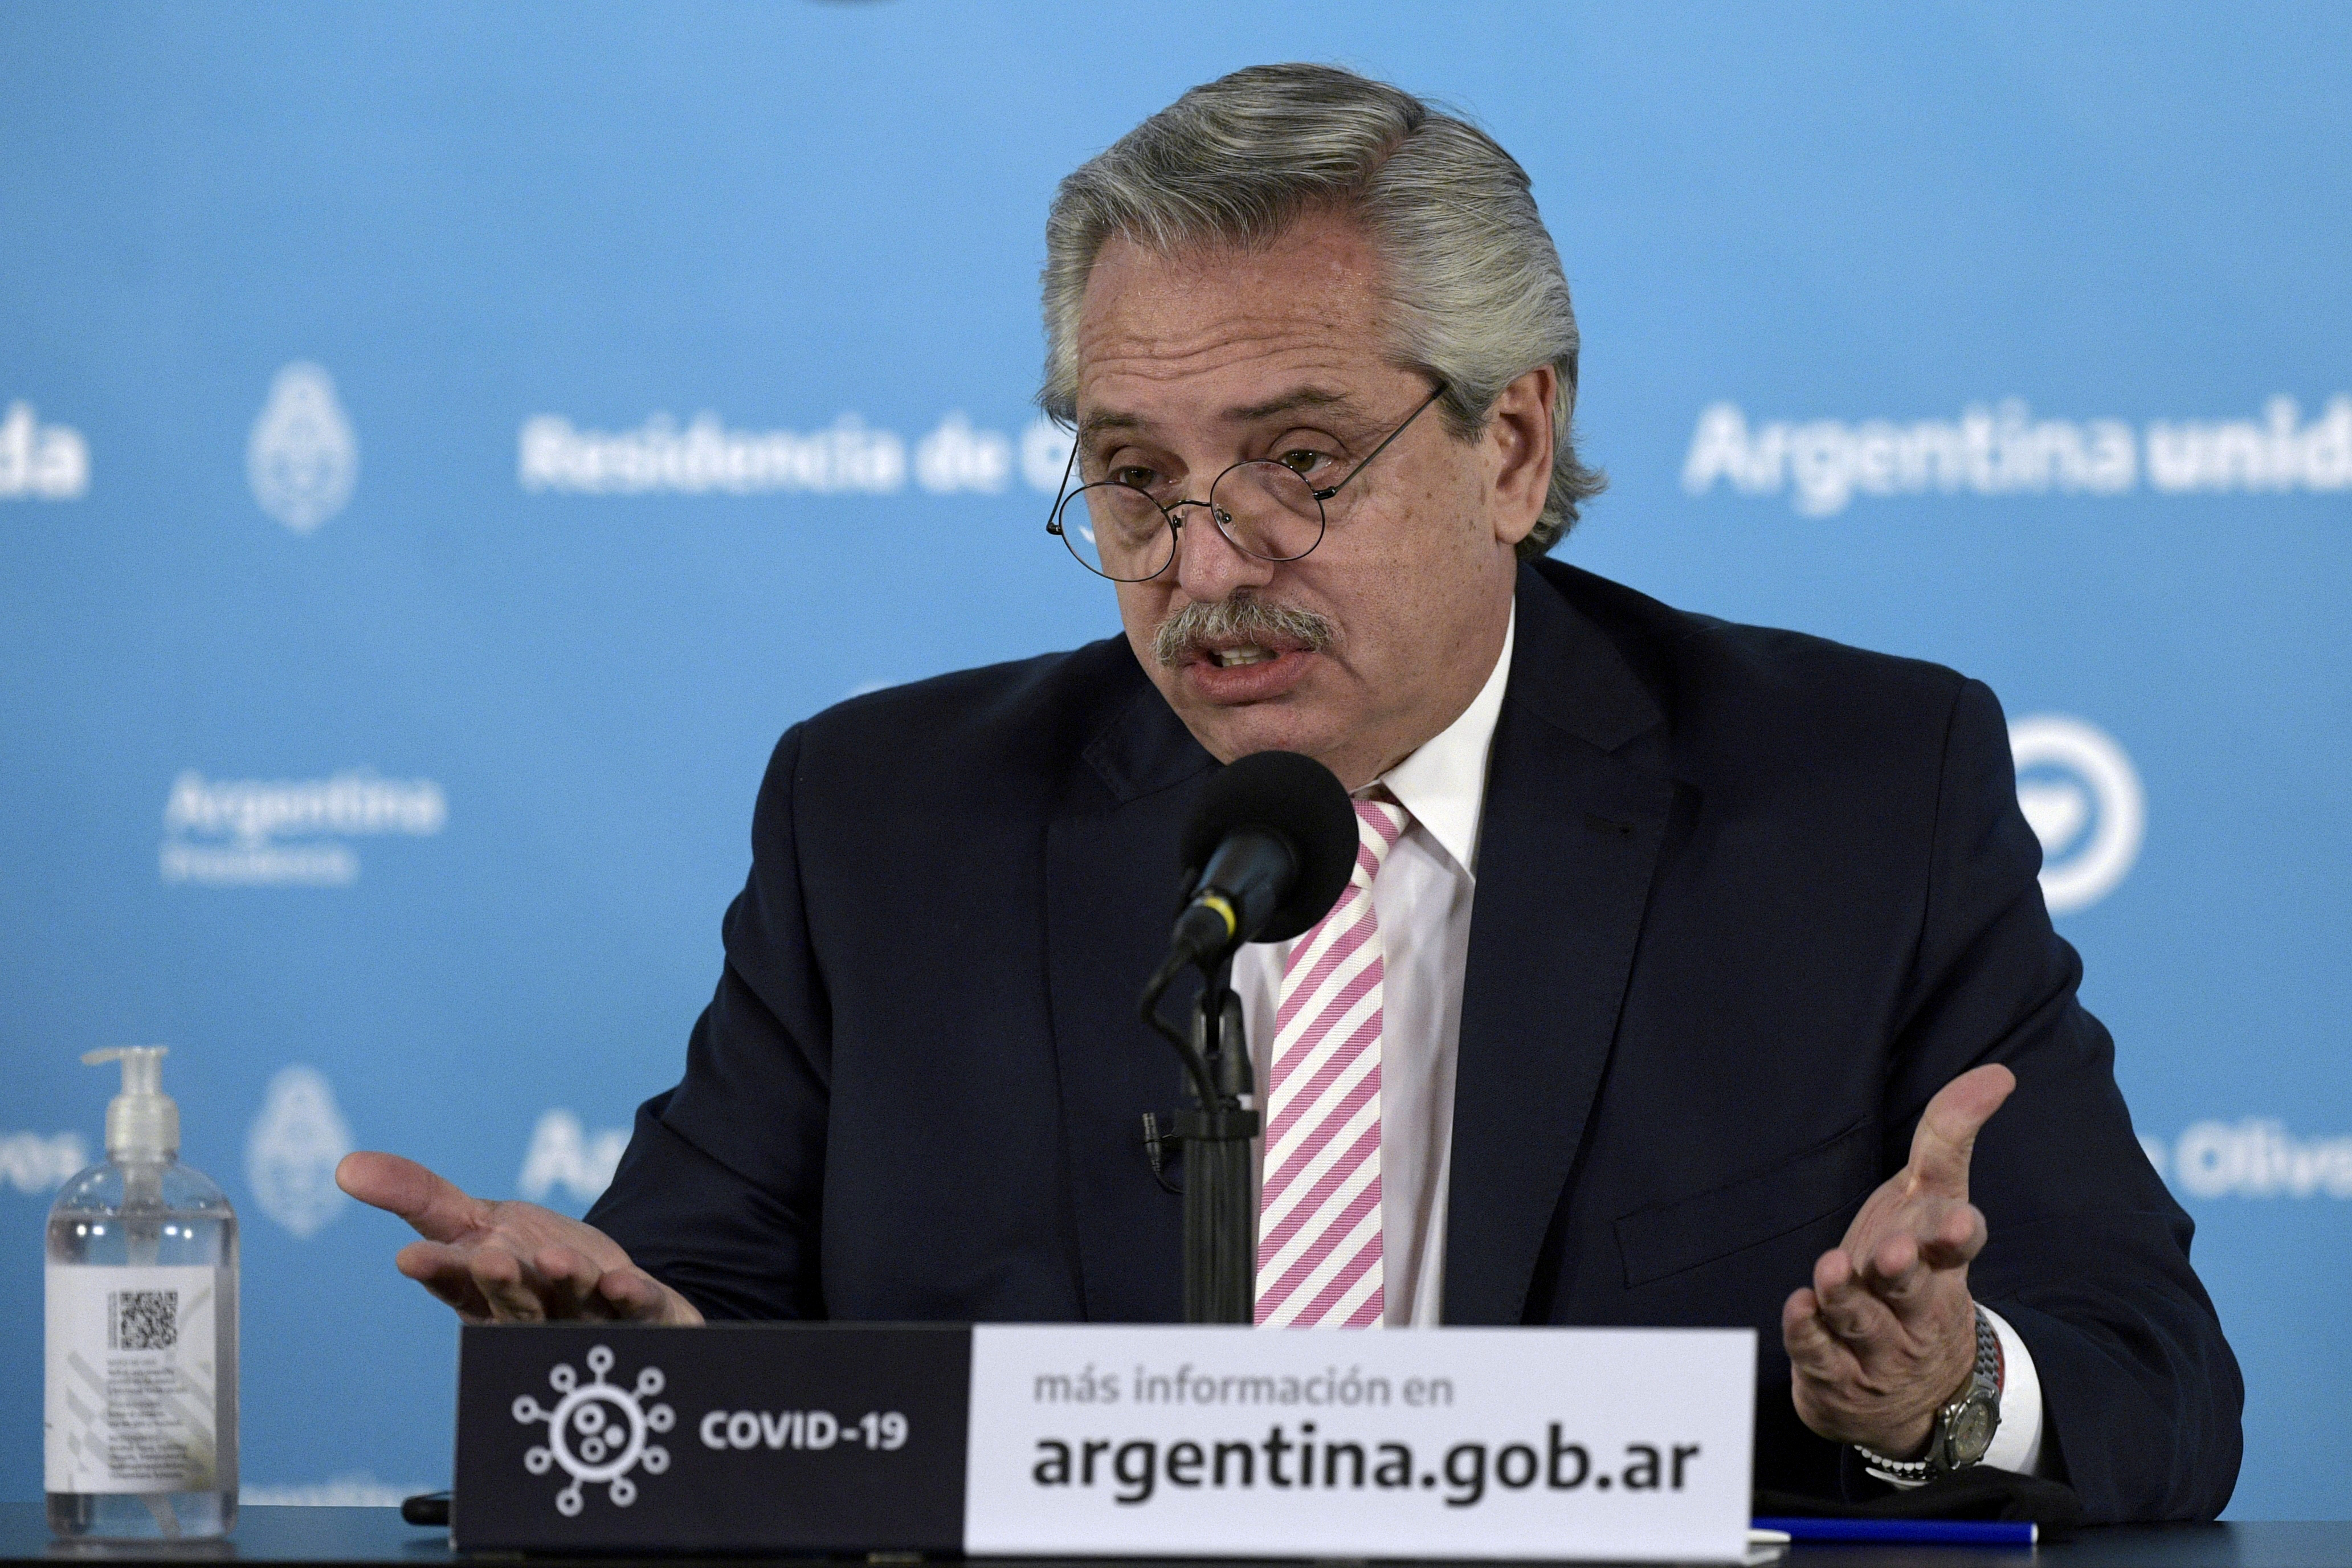 Argentine President Alberto Fern